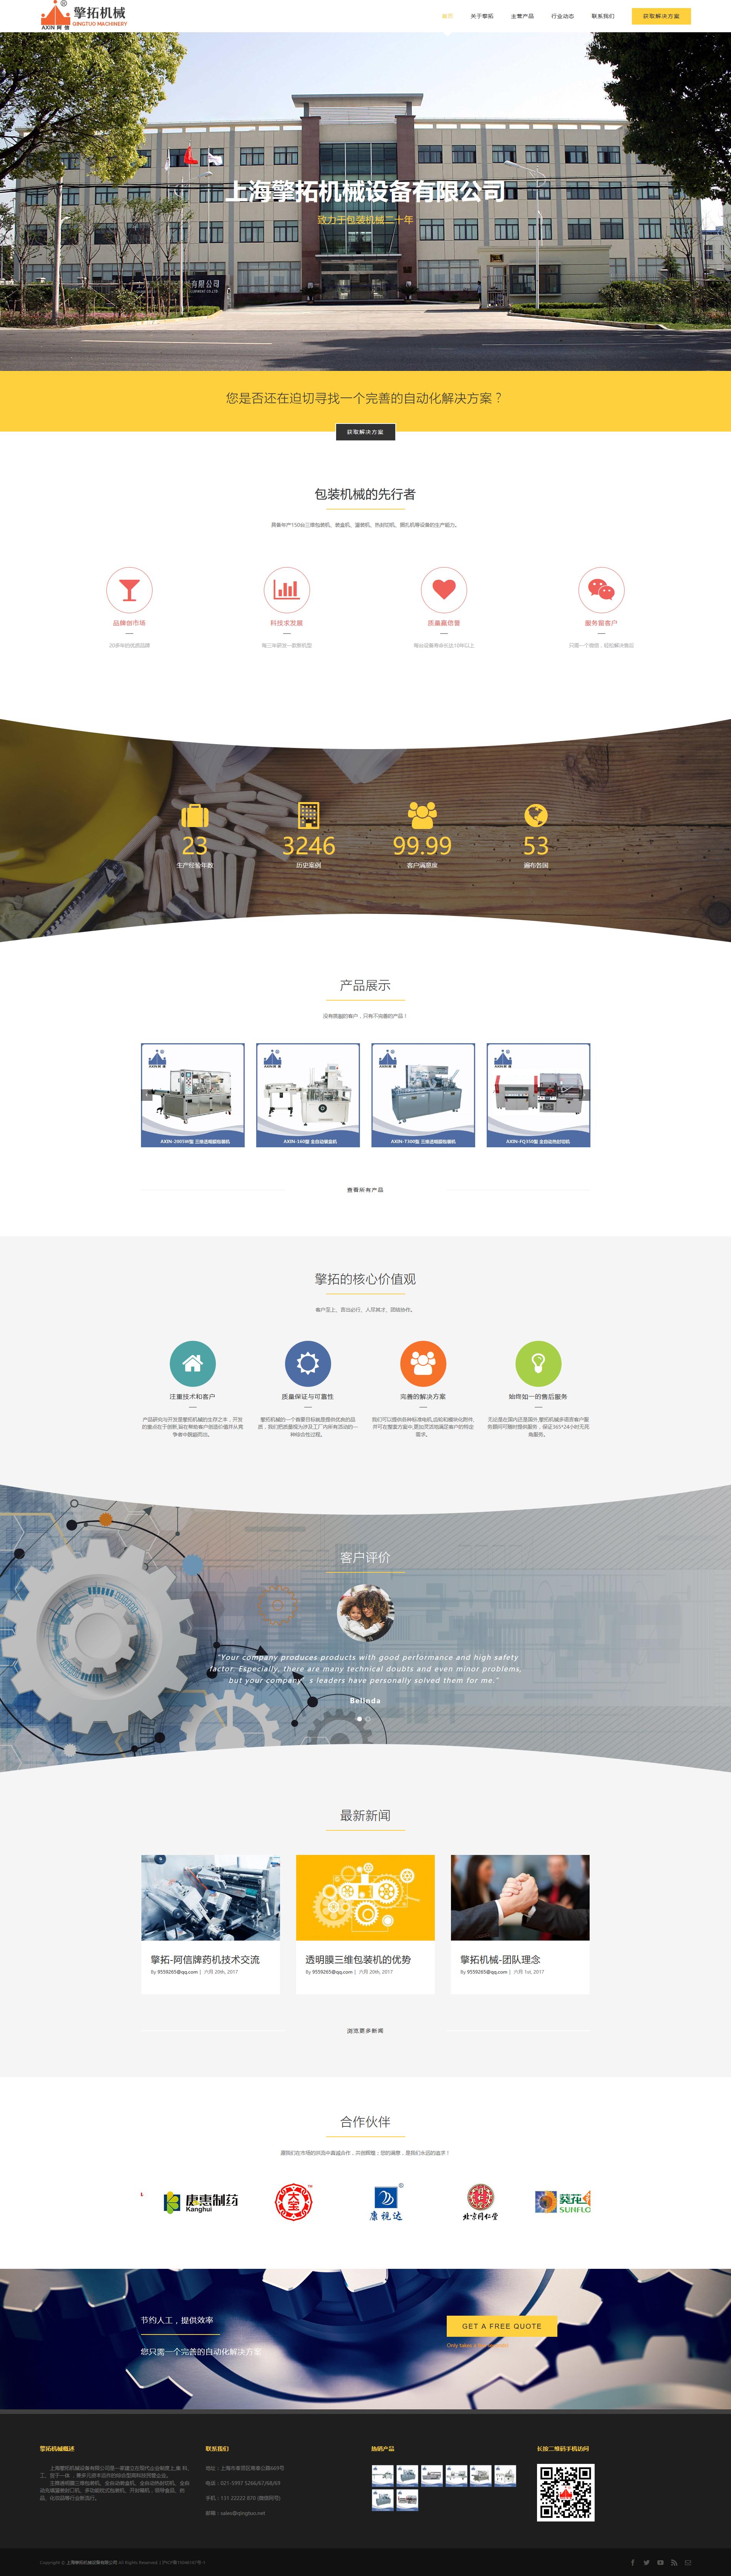 11 上海擎拓机械设备有限公司